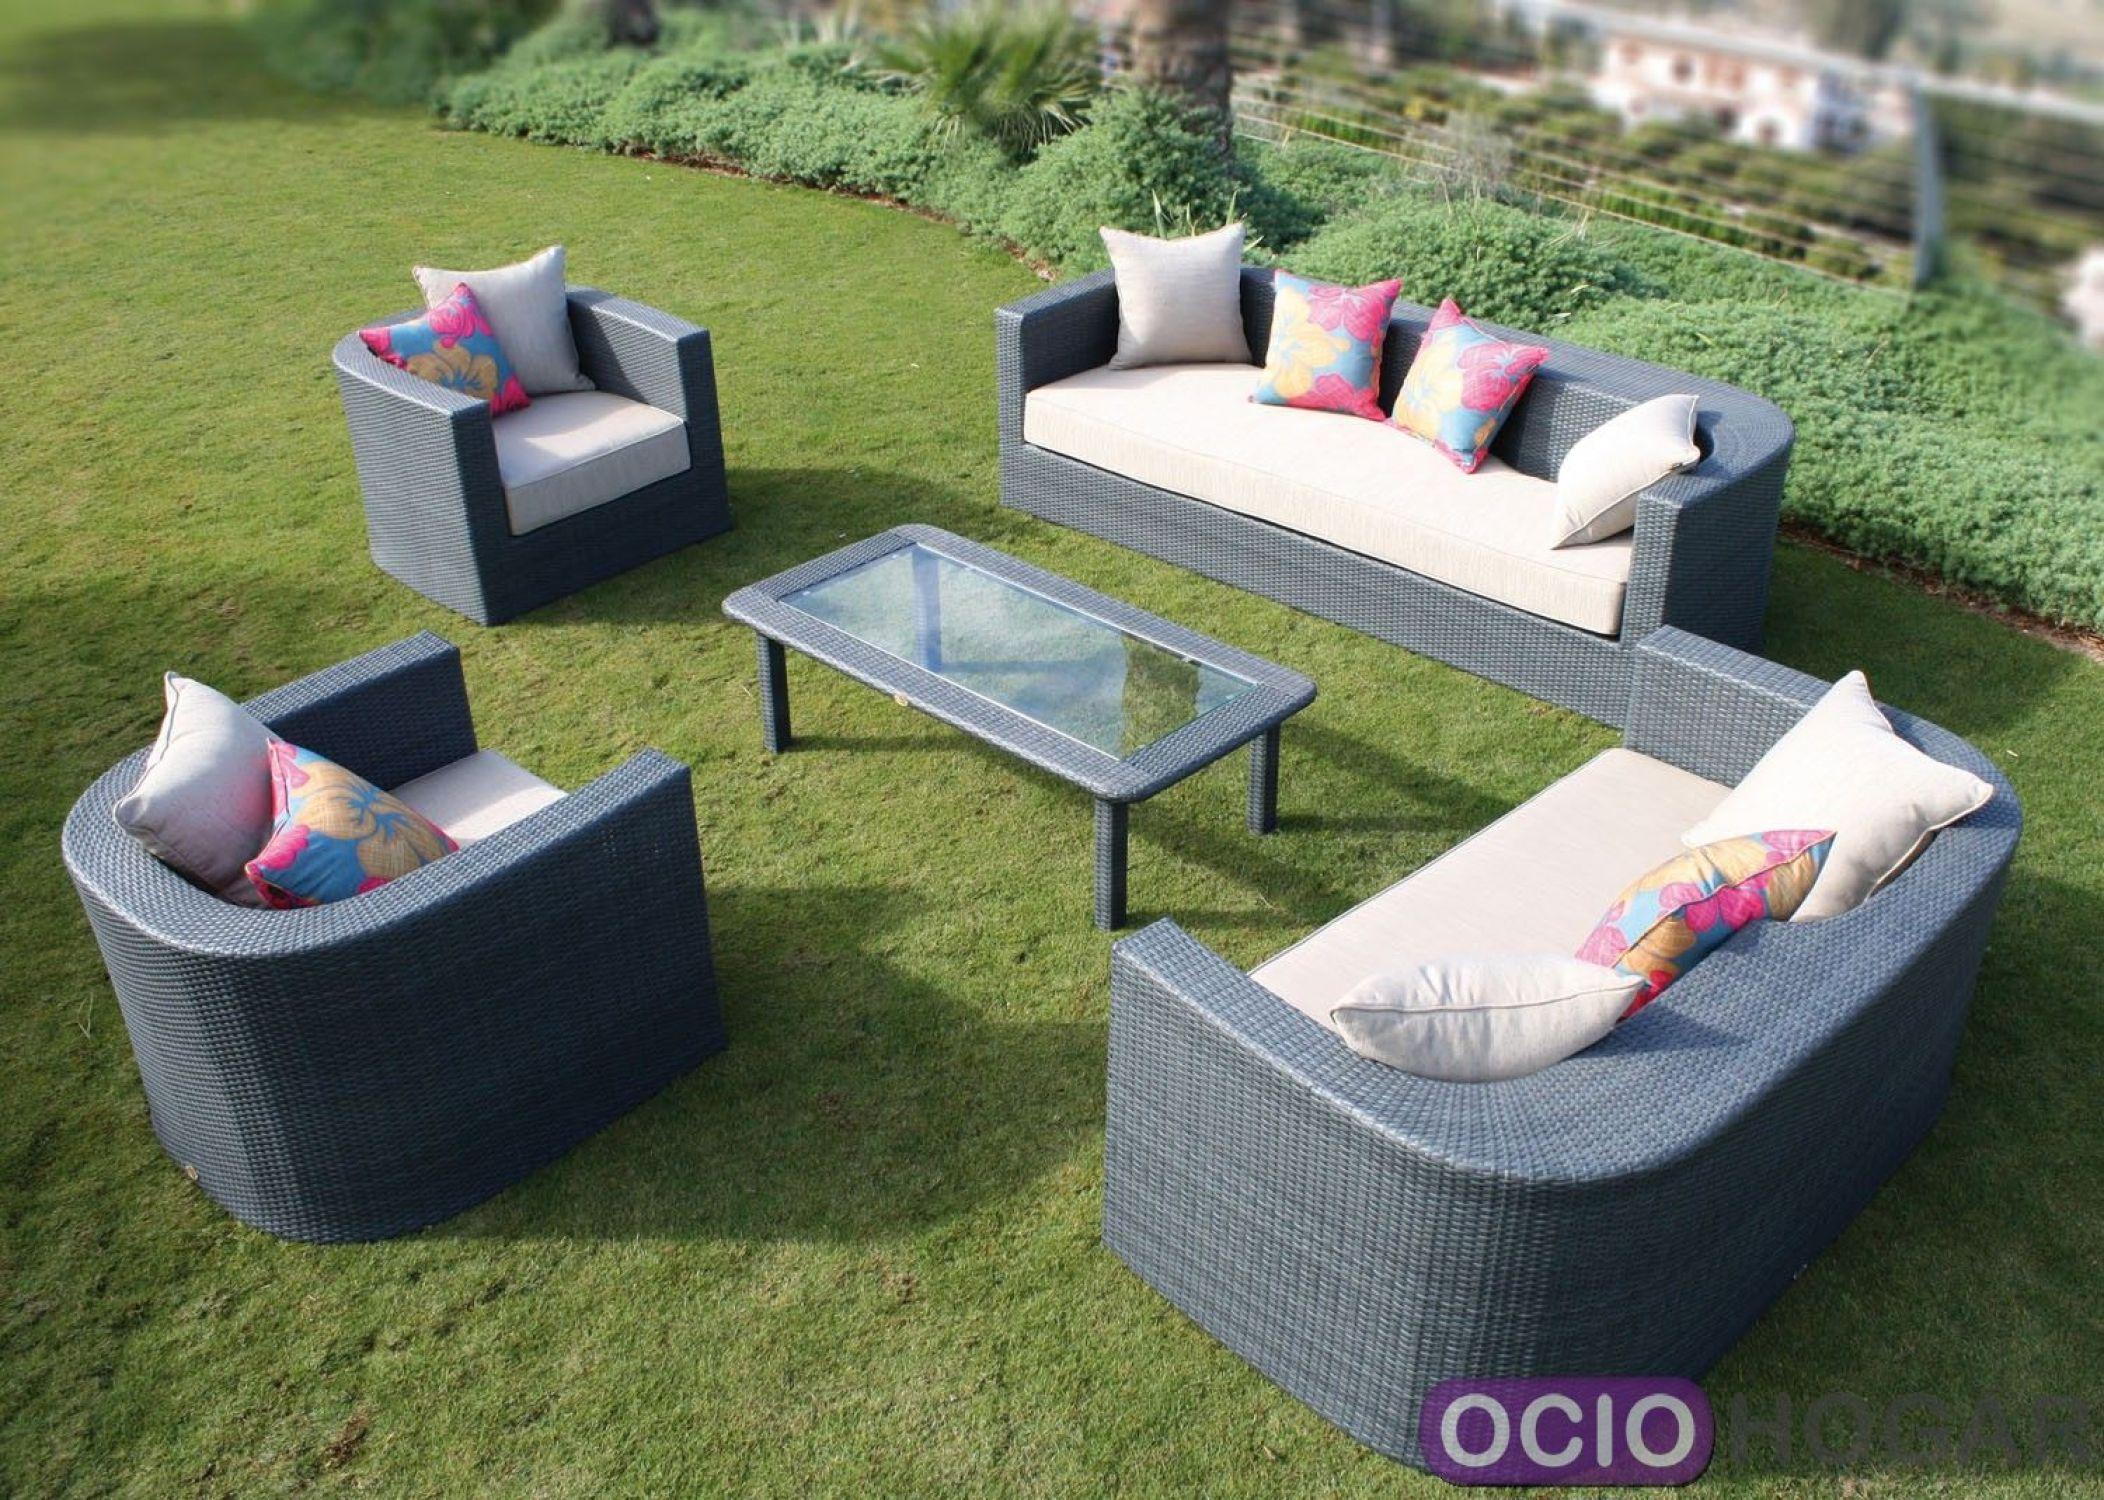 Conjunto exterior sof s sillones y mesa venus majestic for Conjunto sillones exterior